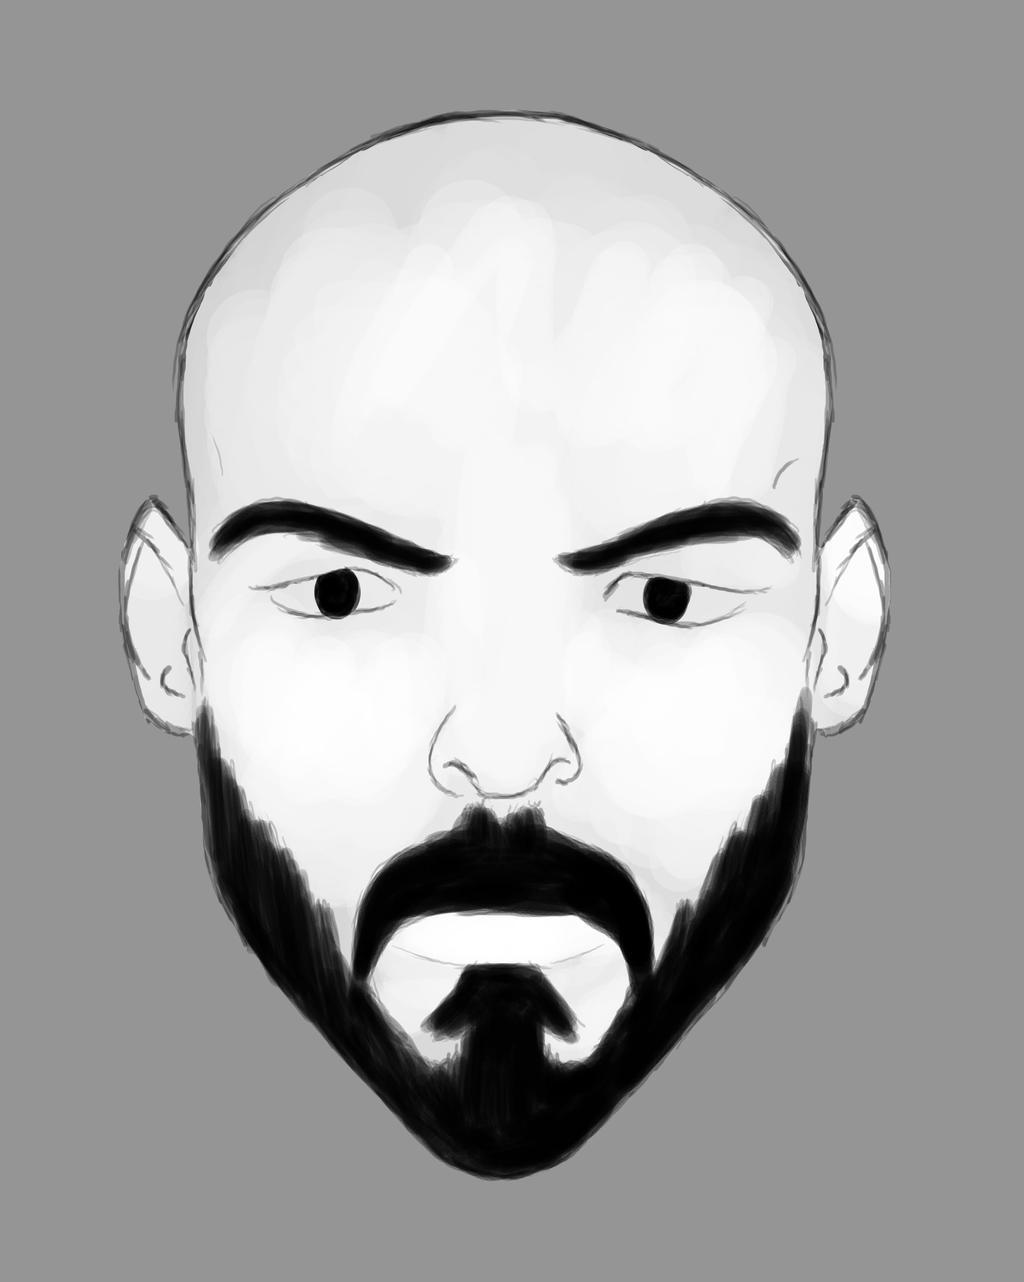 Aaron Daily sketch #750 by GothicVampireFreak